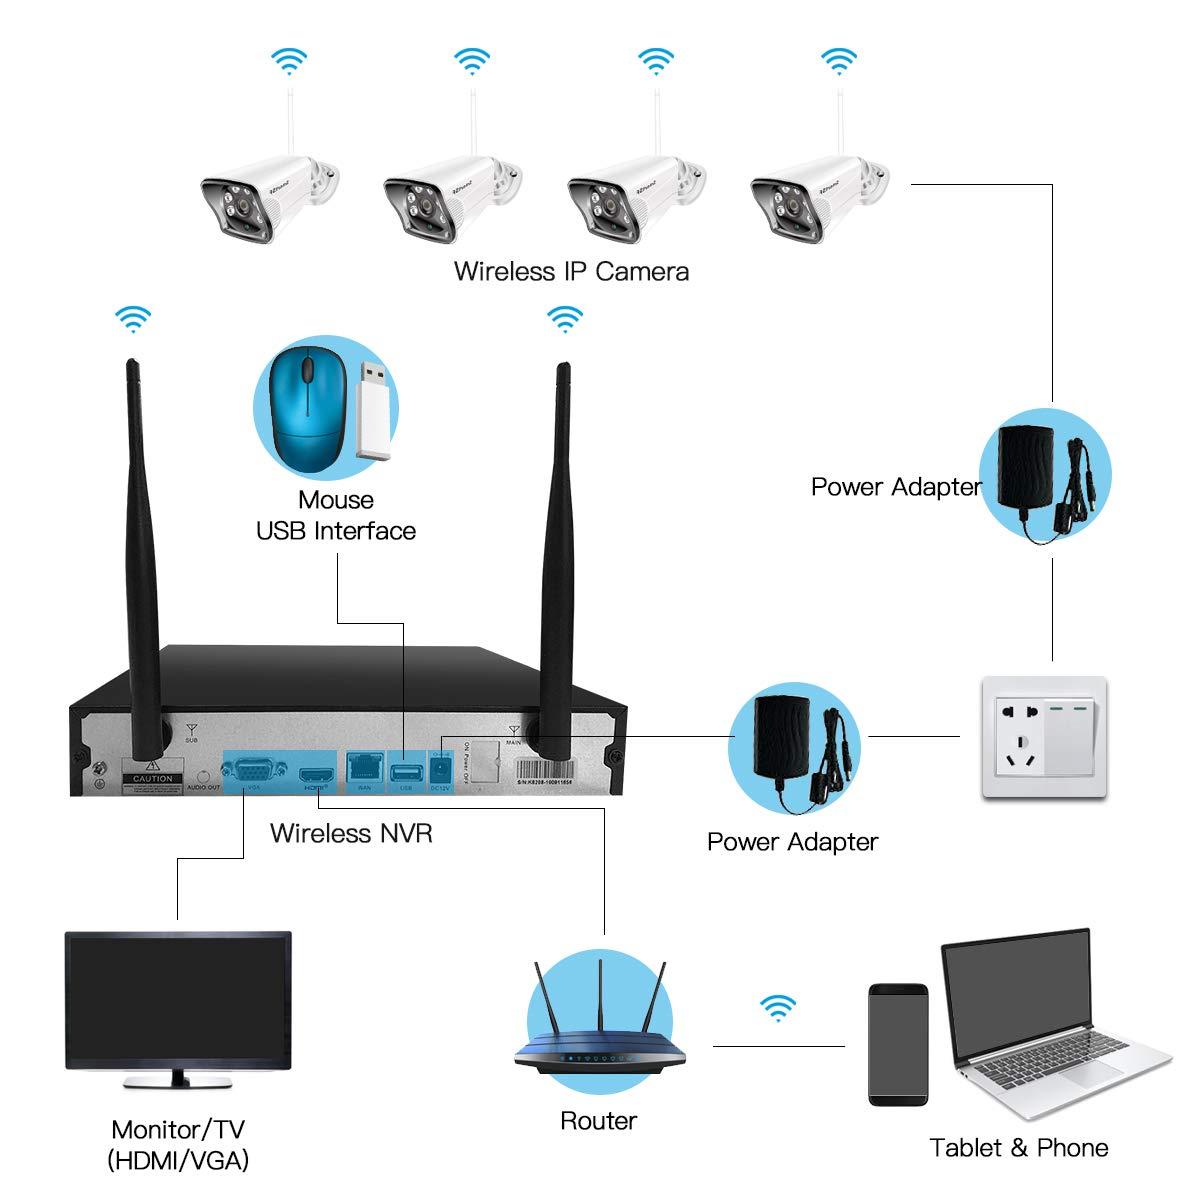 Acceso Remoto Gratuito y detecci/ón de Movimiento Kit de WiFi Sistema de c/ámaras de Seguridad 8CH 1080P NVR H.265 y 4 1080P C/ámara IP de Bala Resistente a la Intemperie visi/ón Nocturna con Corte IR